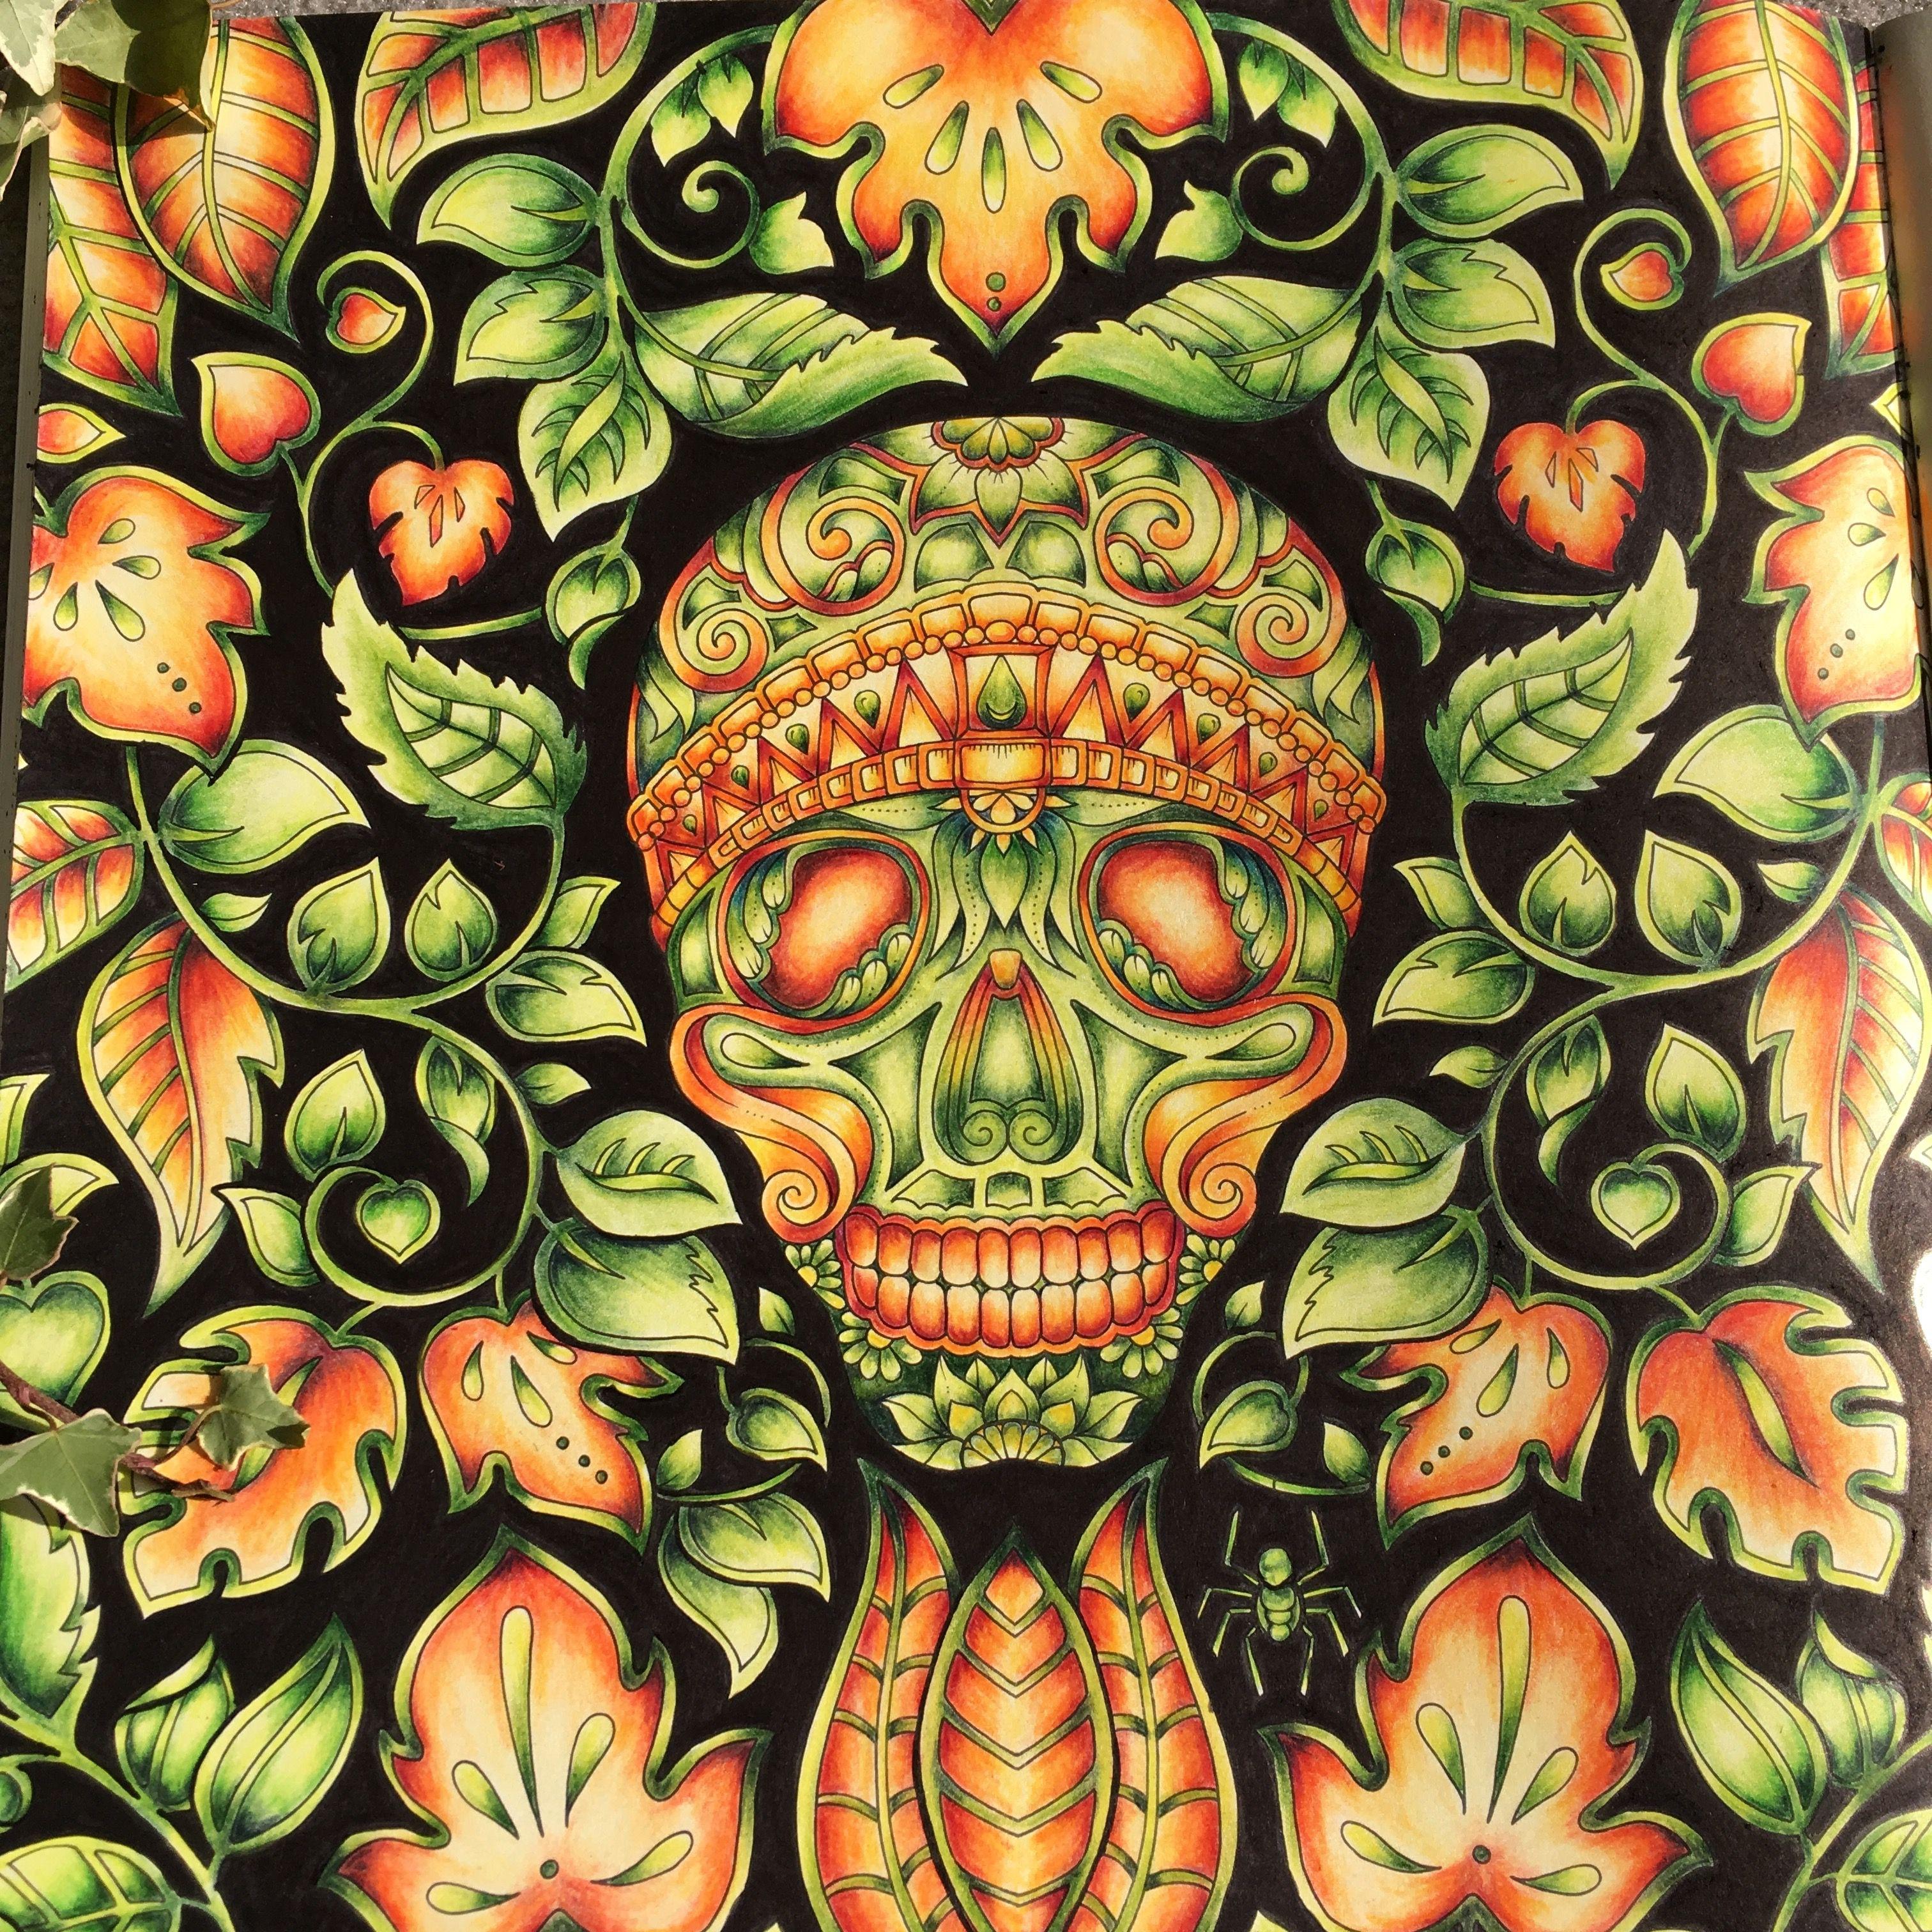 Pin von Gundi WR auf My colouring Gallery | Pinterest